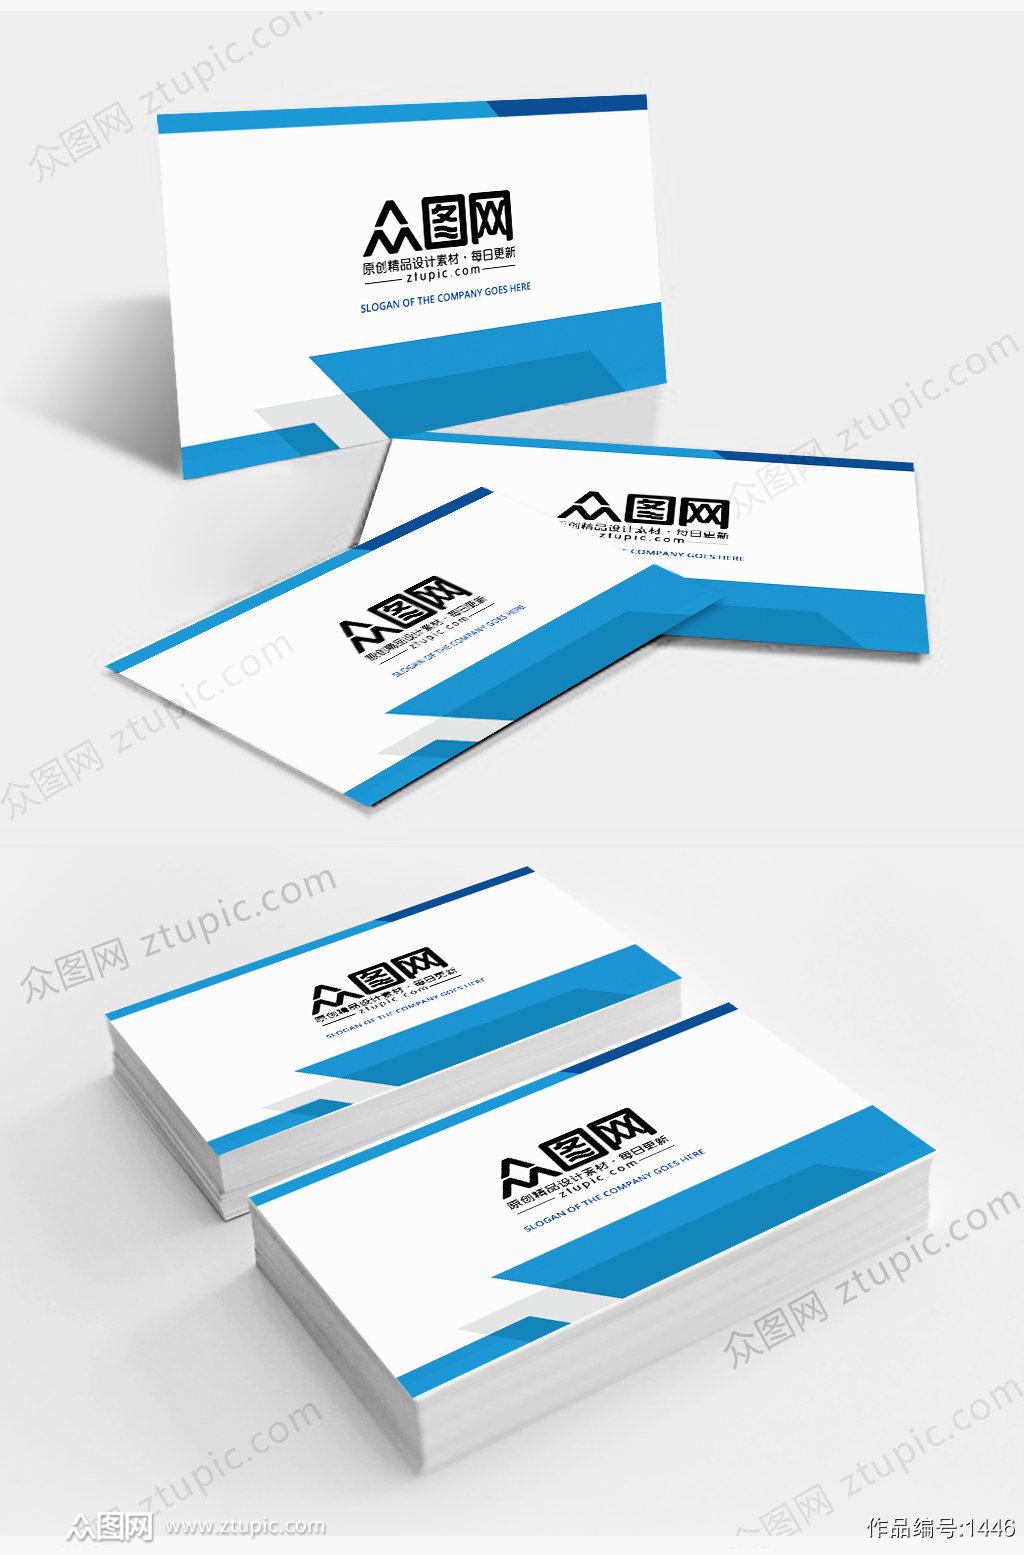 原创蓝白个性简约创意竖版名片设计模板素材